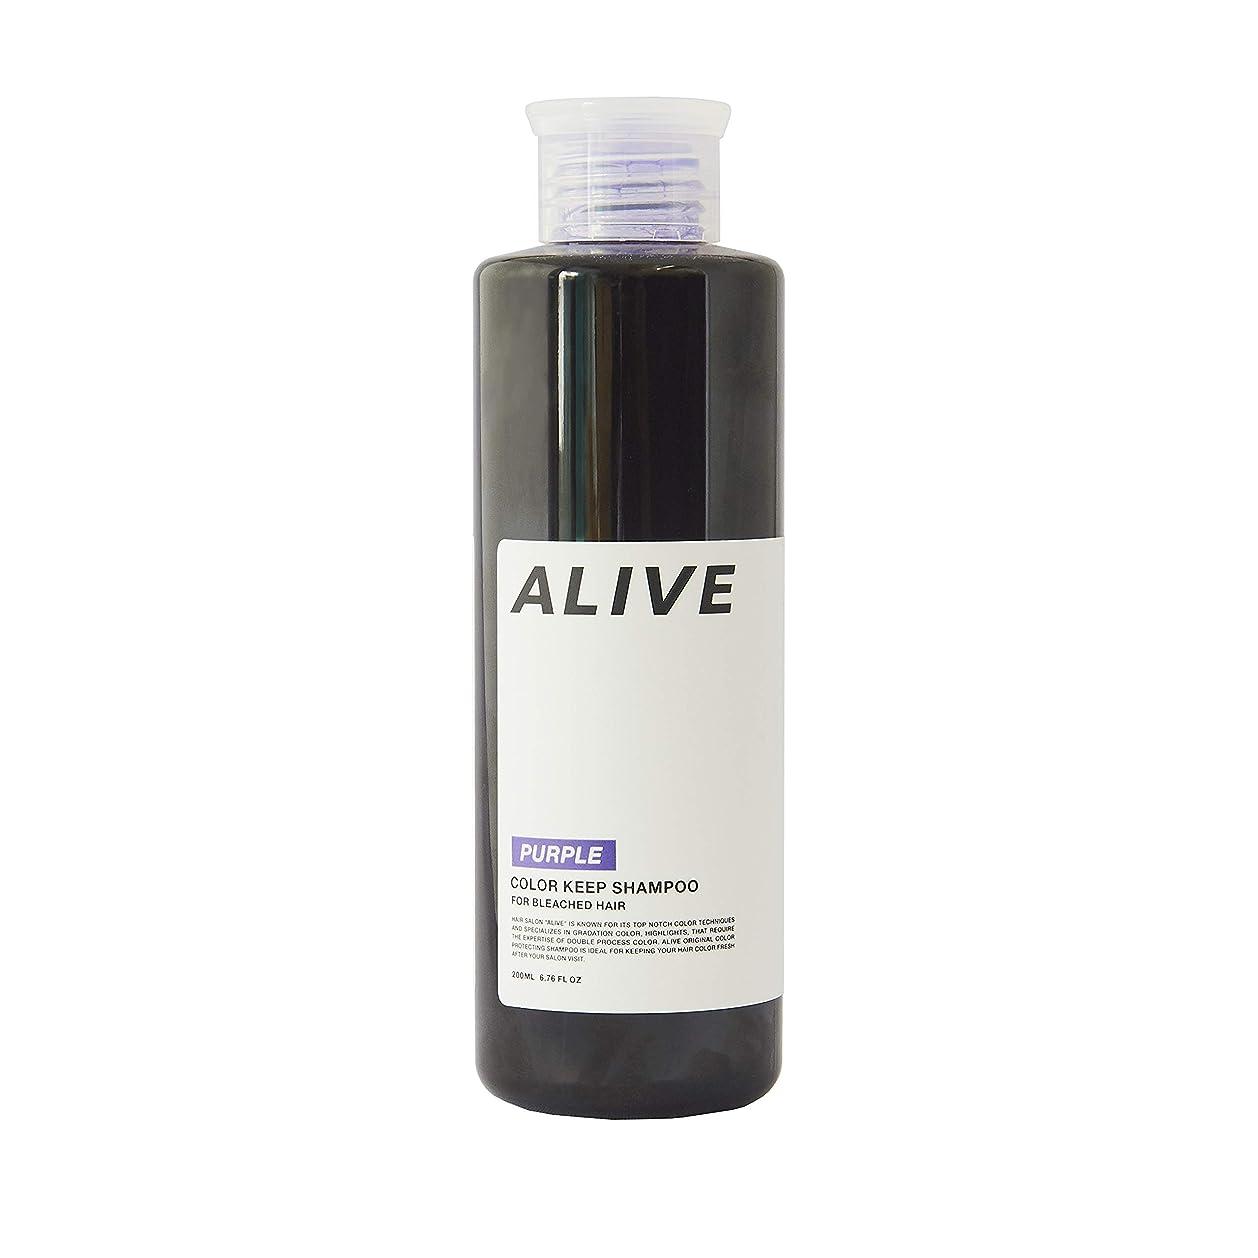 昆虫内なる適用済みALIVE アライブ カラーシャンプー 極濃 紫シャンプー 200ml ムラサキ パープル ムラシャン ムラサキシャンプー